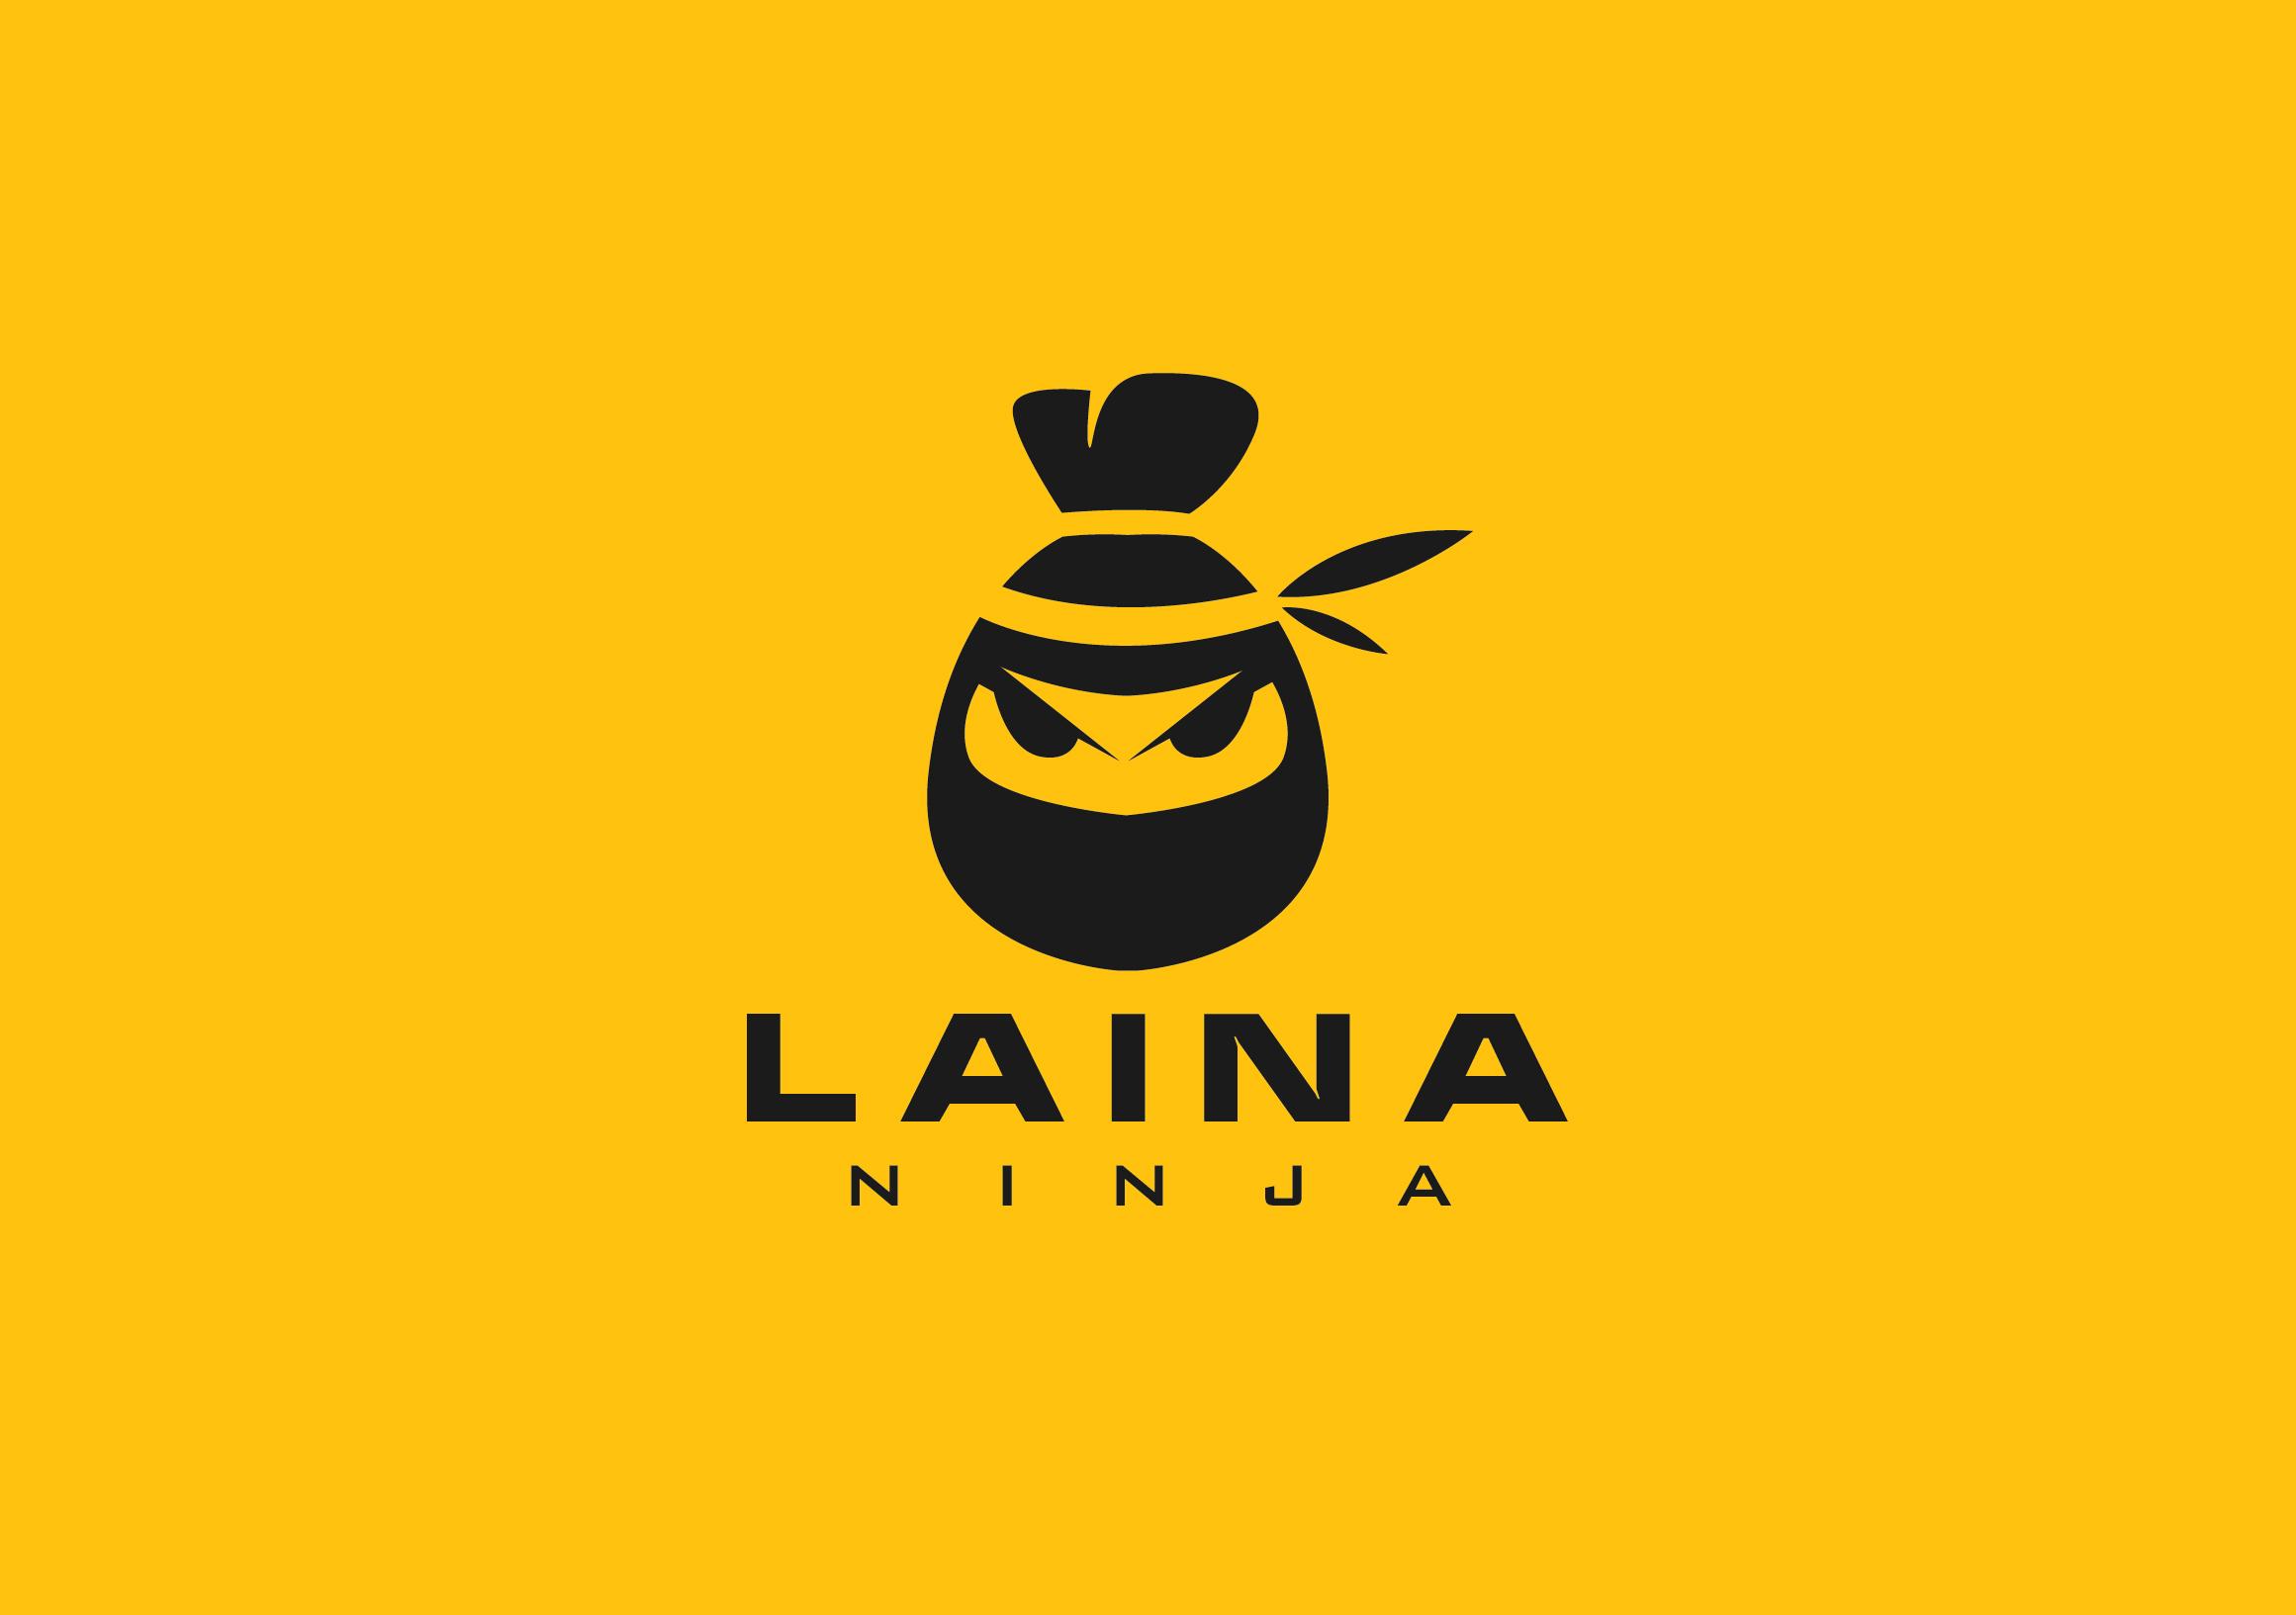 Laina Ninja_d00b_00a (1).jpg